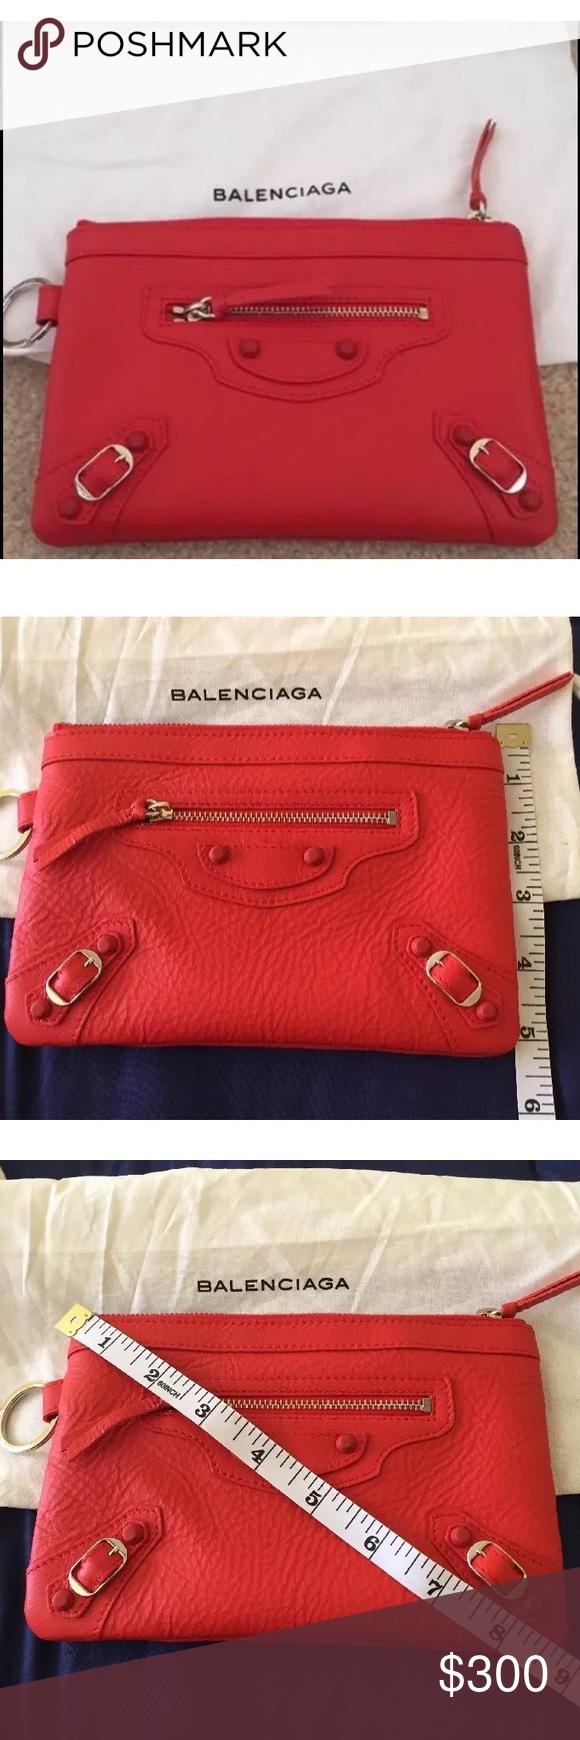 Nwt Red Balenciaga Pouch Red Wallet Balenciaga Bag Wallet Pouch